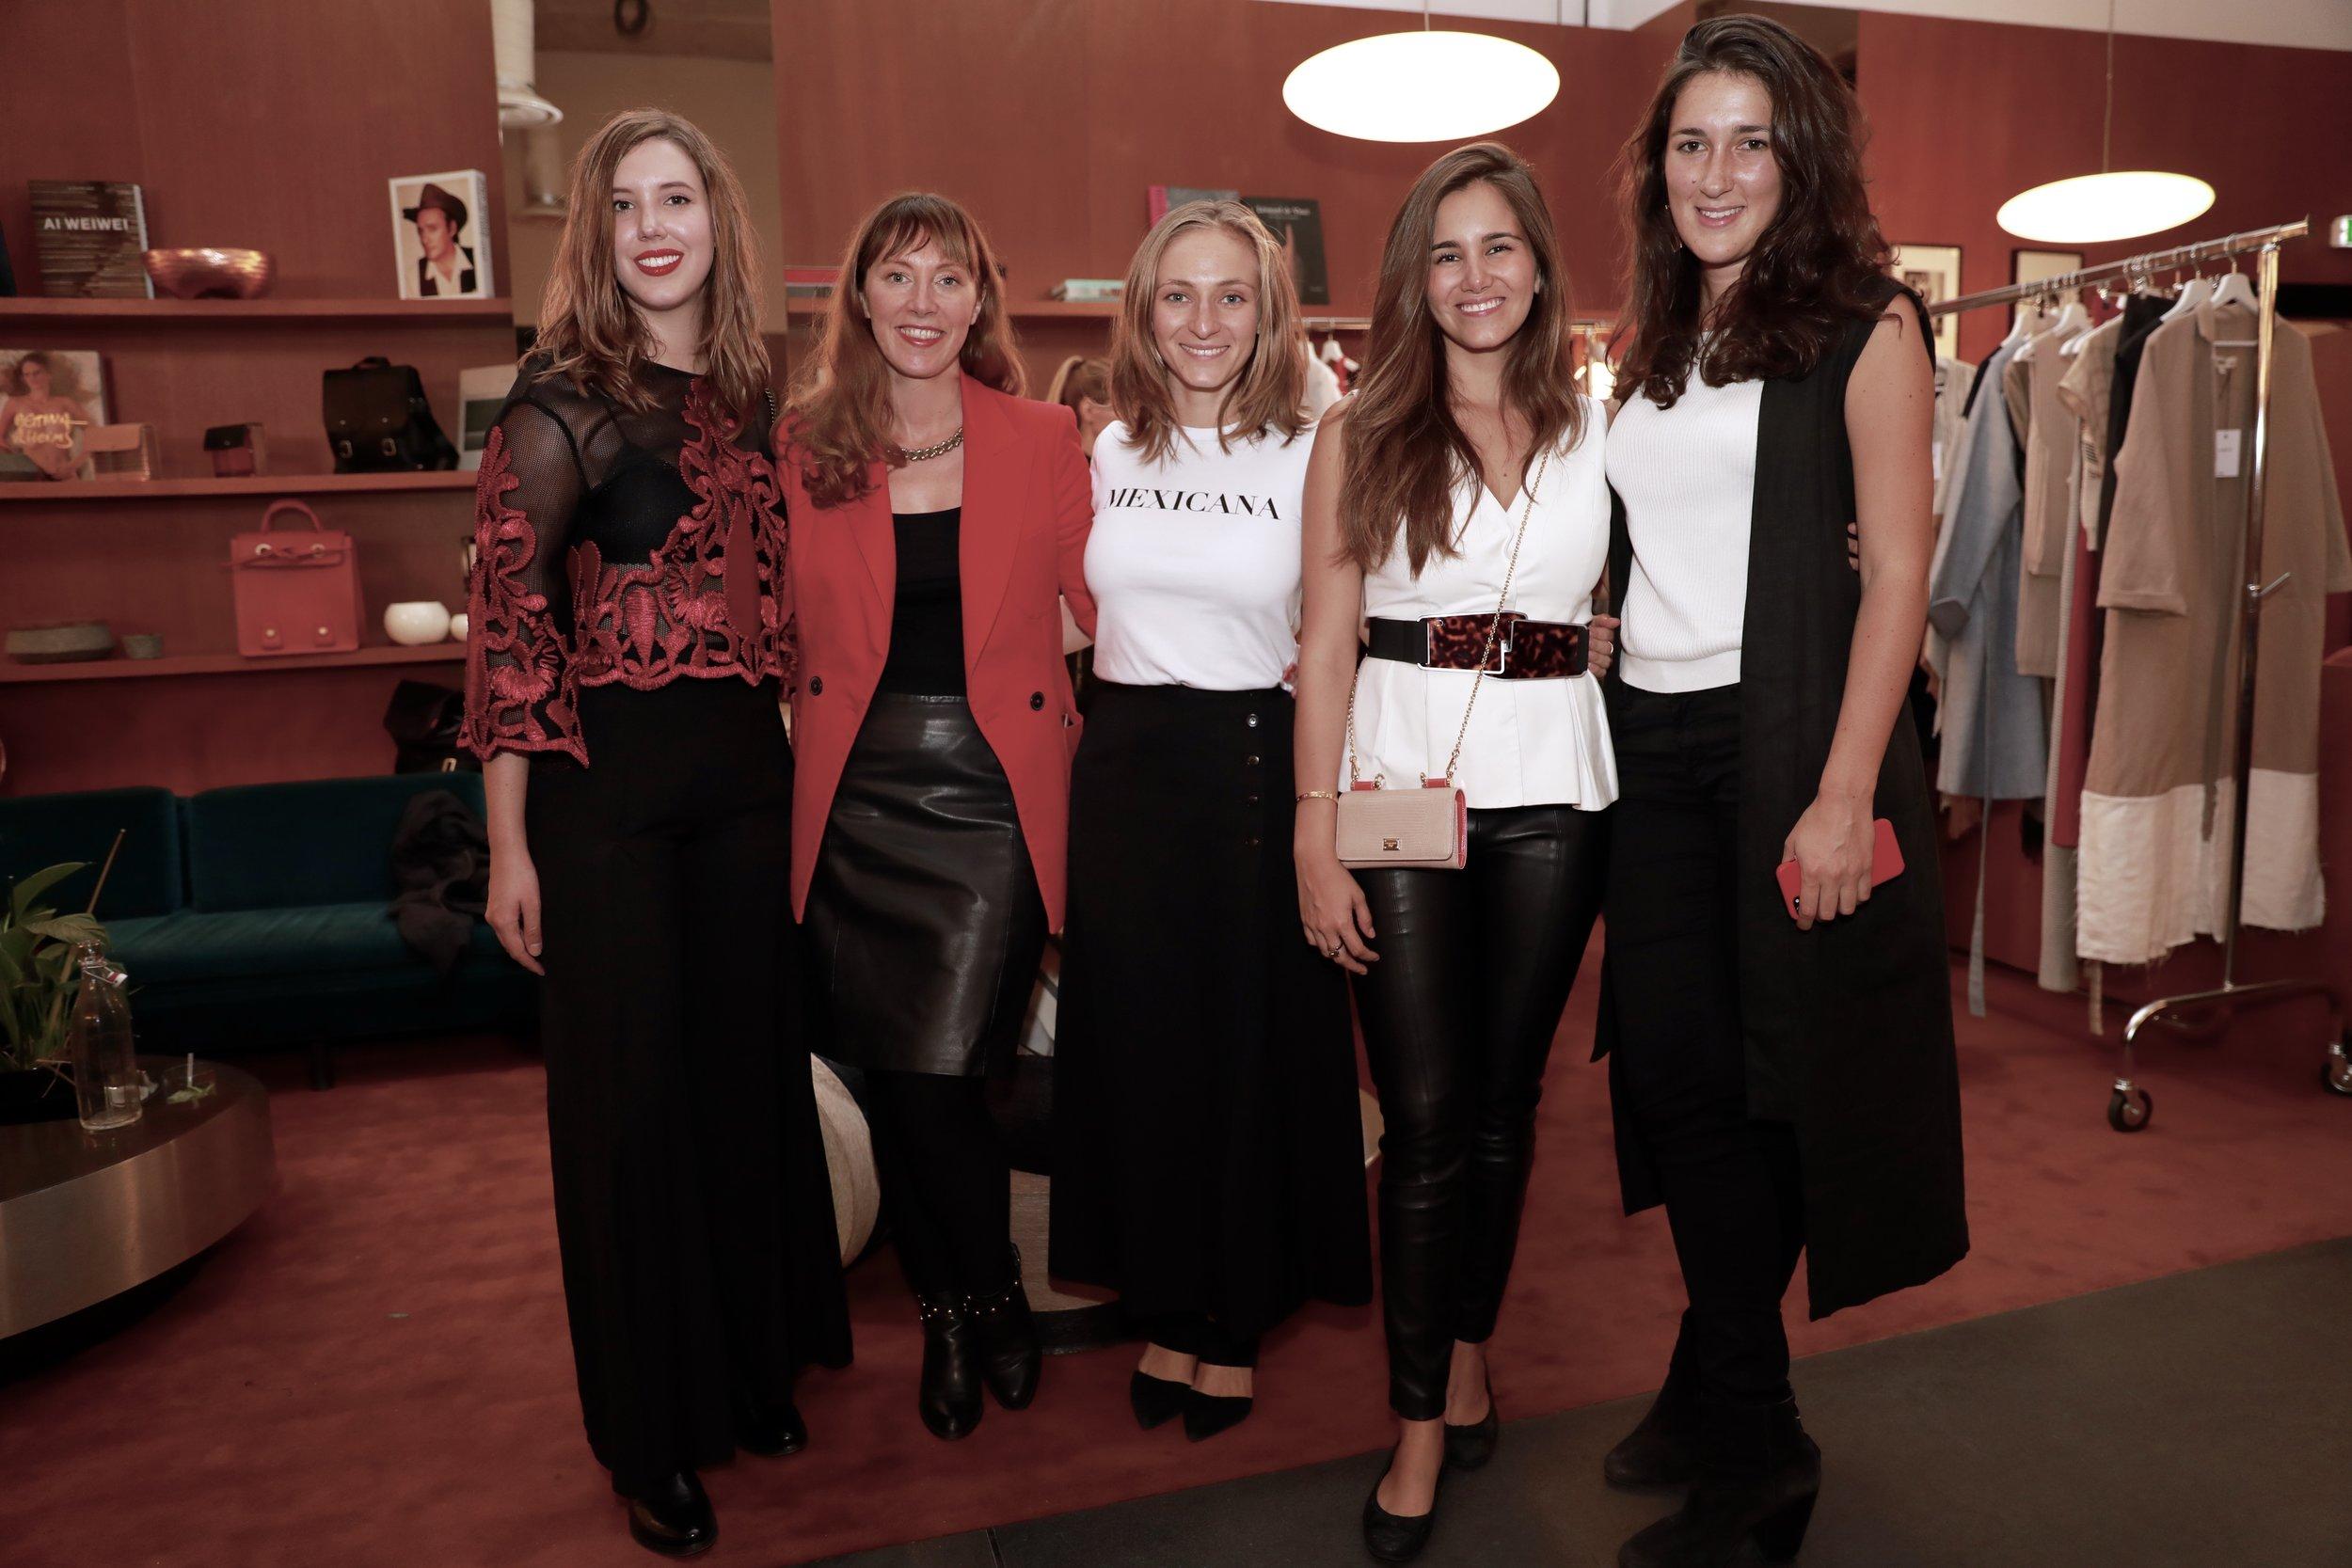 Bureau Estrée Latin Connection Farida Tir Teerlinck Fashion Créateurs entrepreneur 85paris